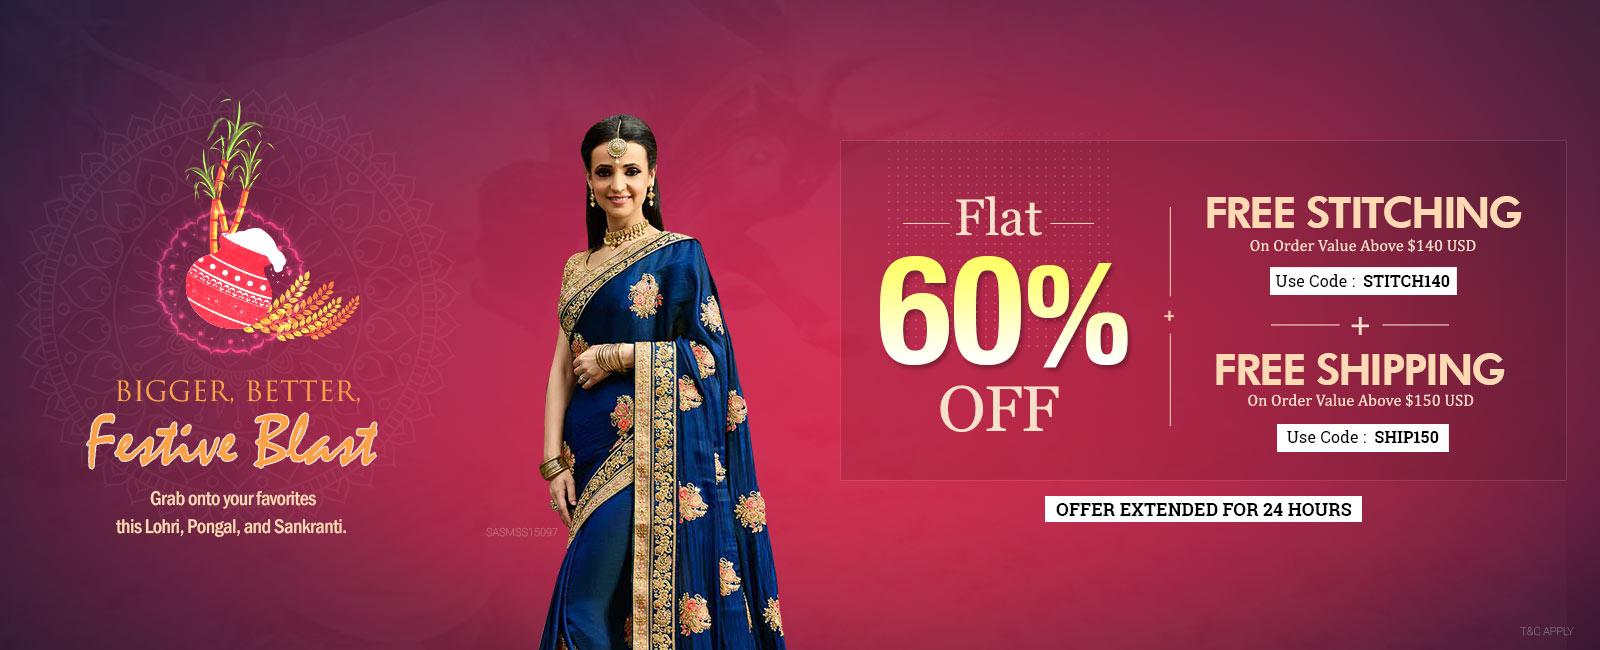 Flat 60% Off + Free Customization + Free Shipping